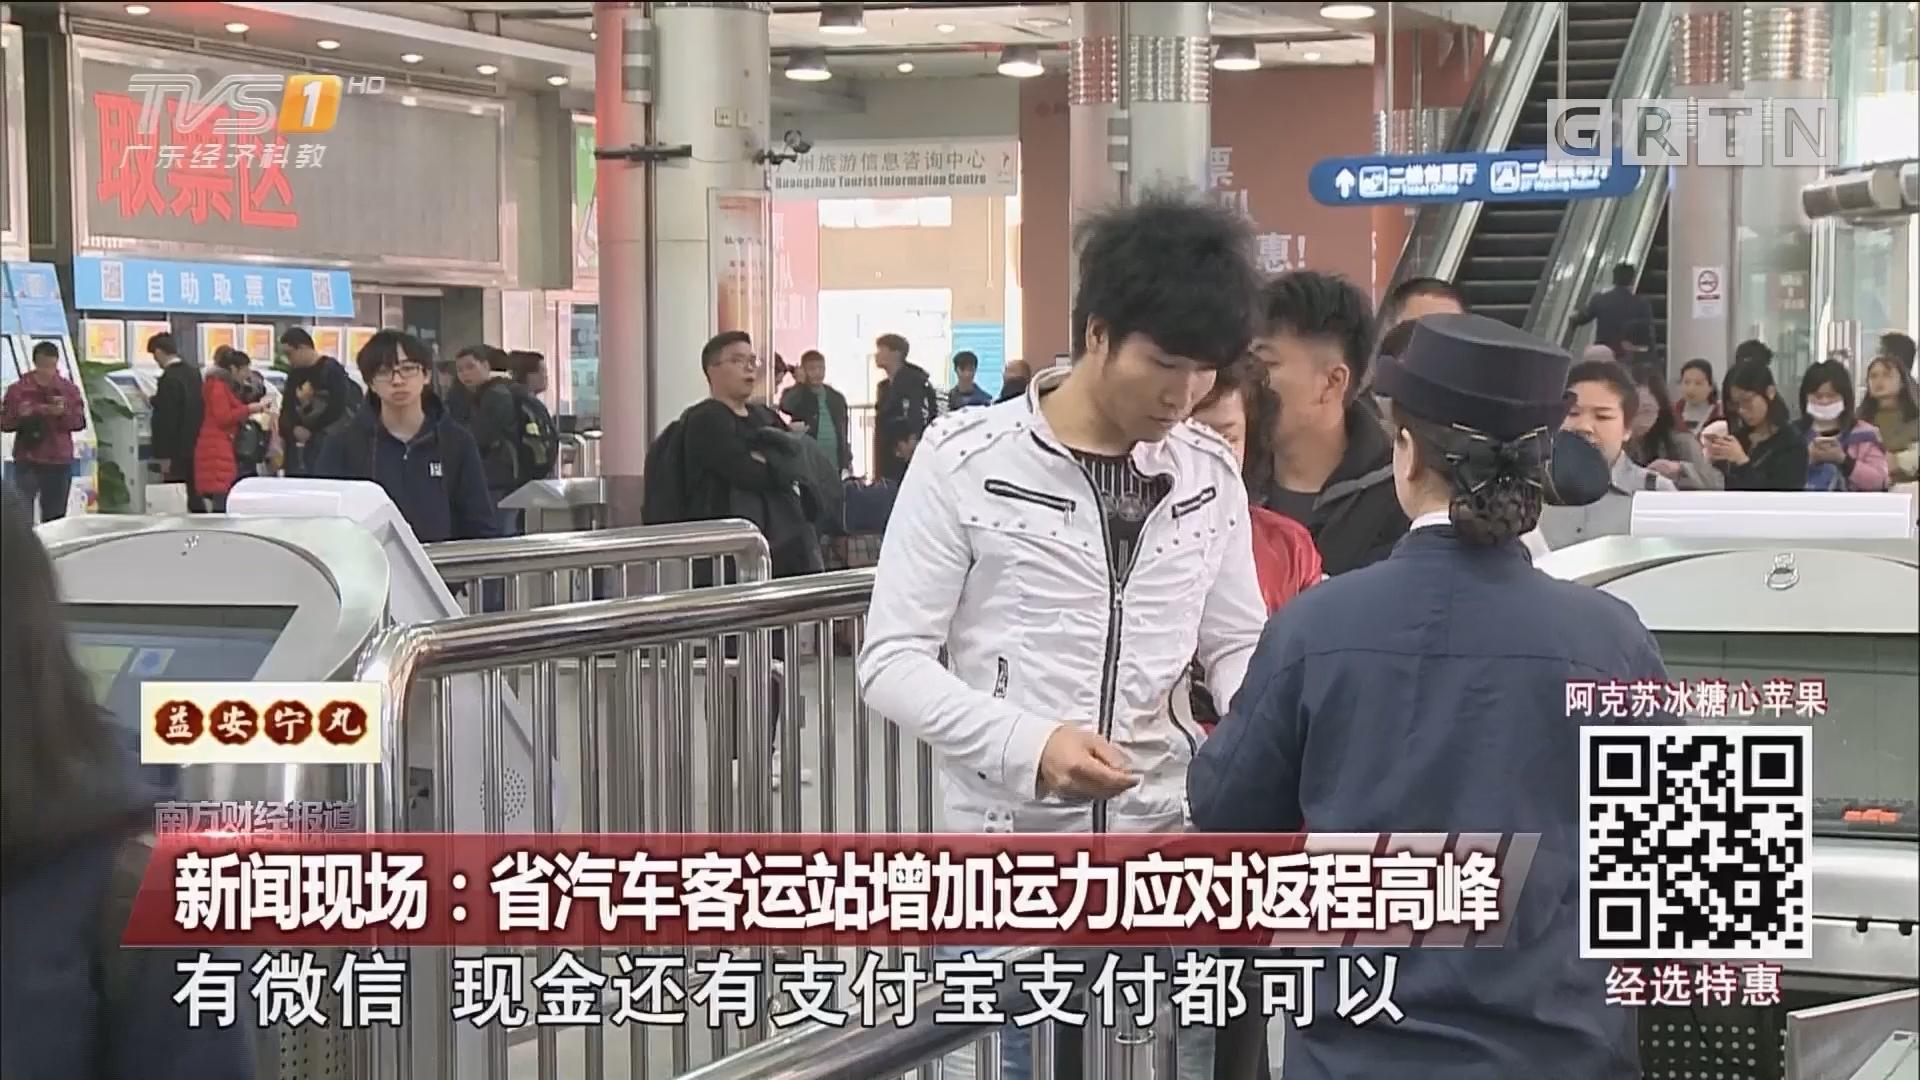 新闻现场:省汽车客运站增加运力应对返程高峰